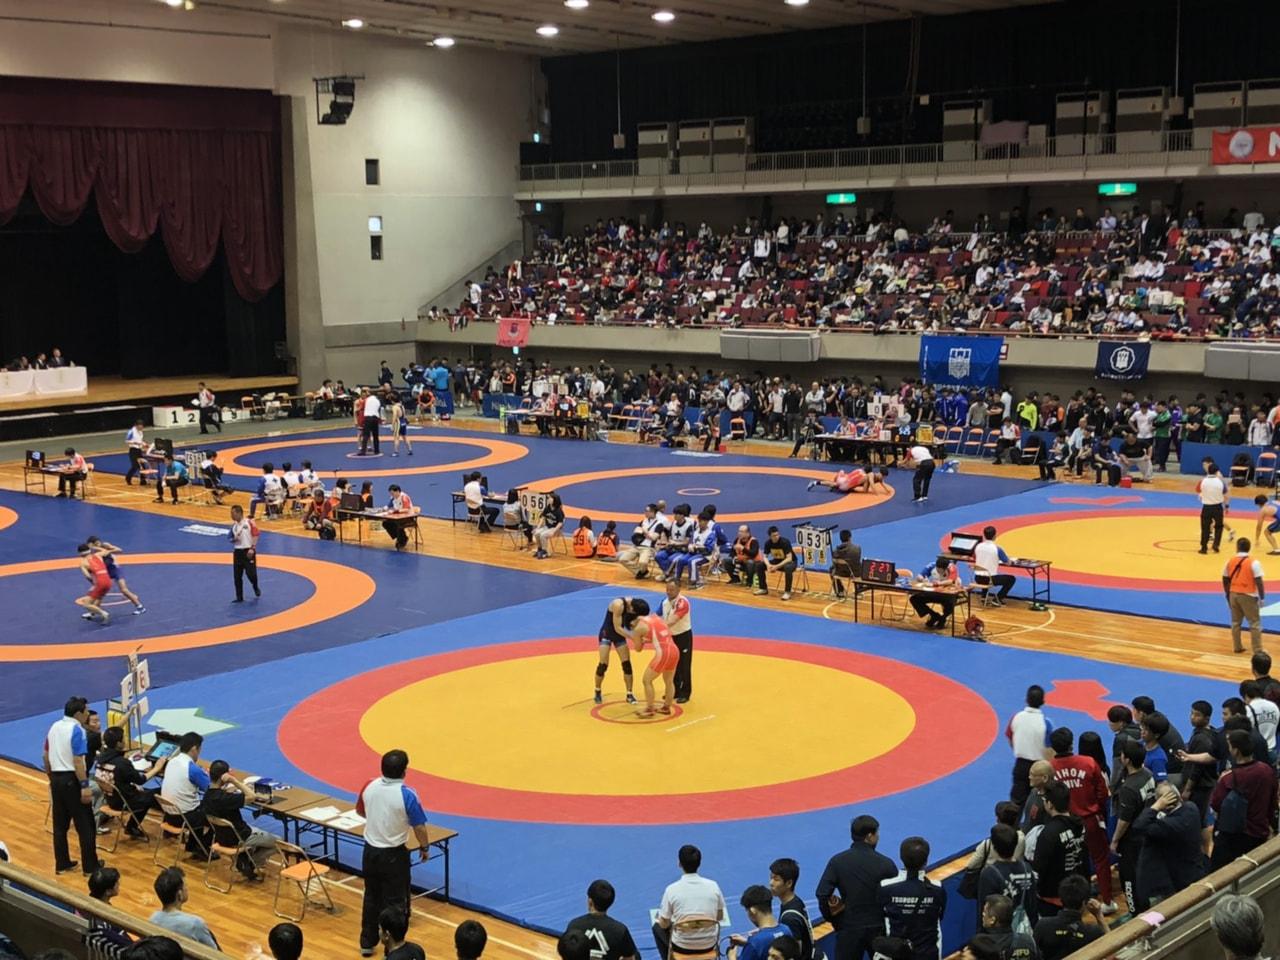 JOC杯 全日本ジュニアレスリング選手権大会 1日目